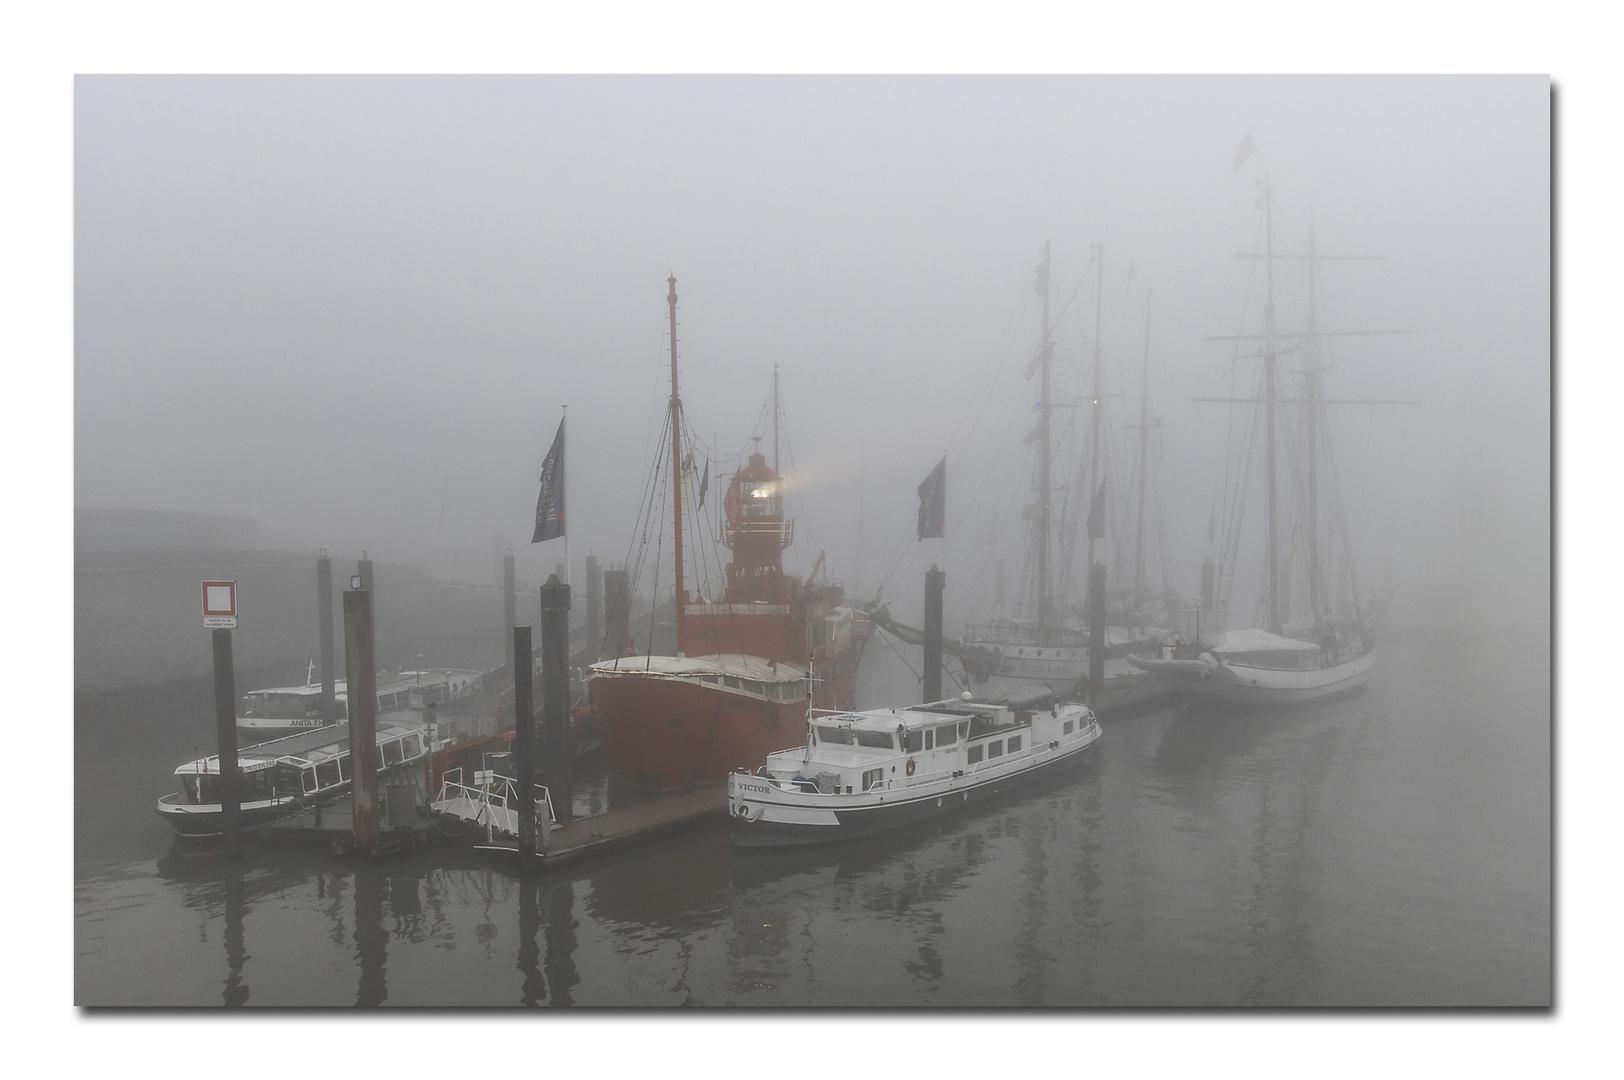 Feuerschiff LV 13 im Nebel (Hamburg 2019)